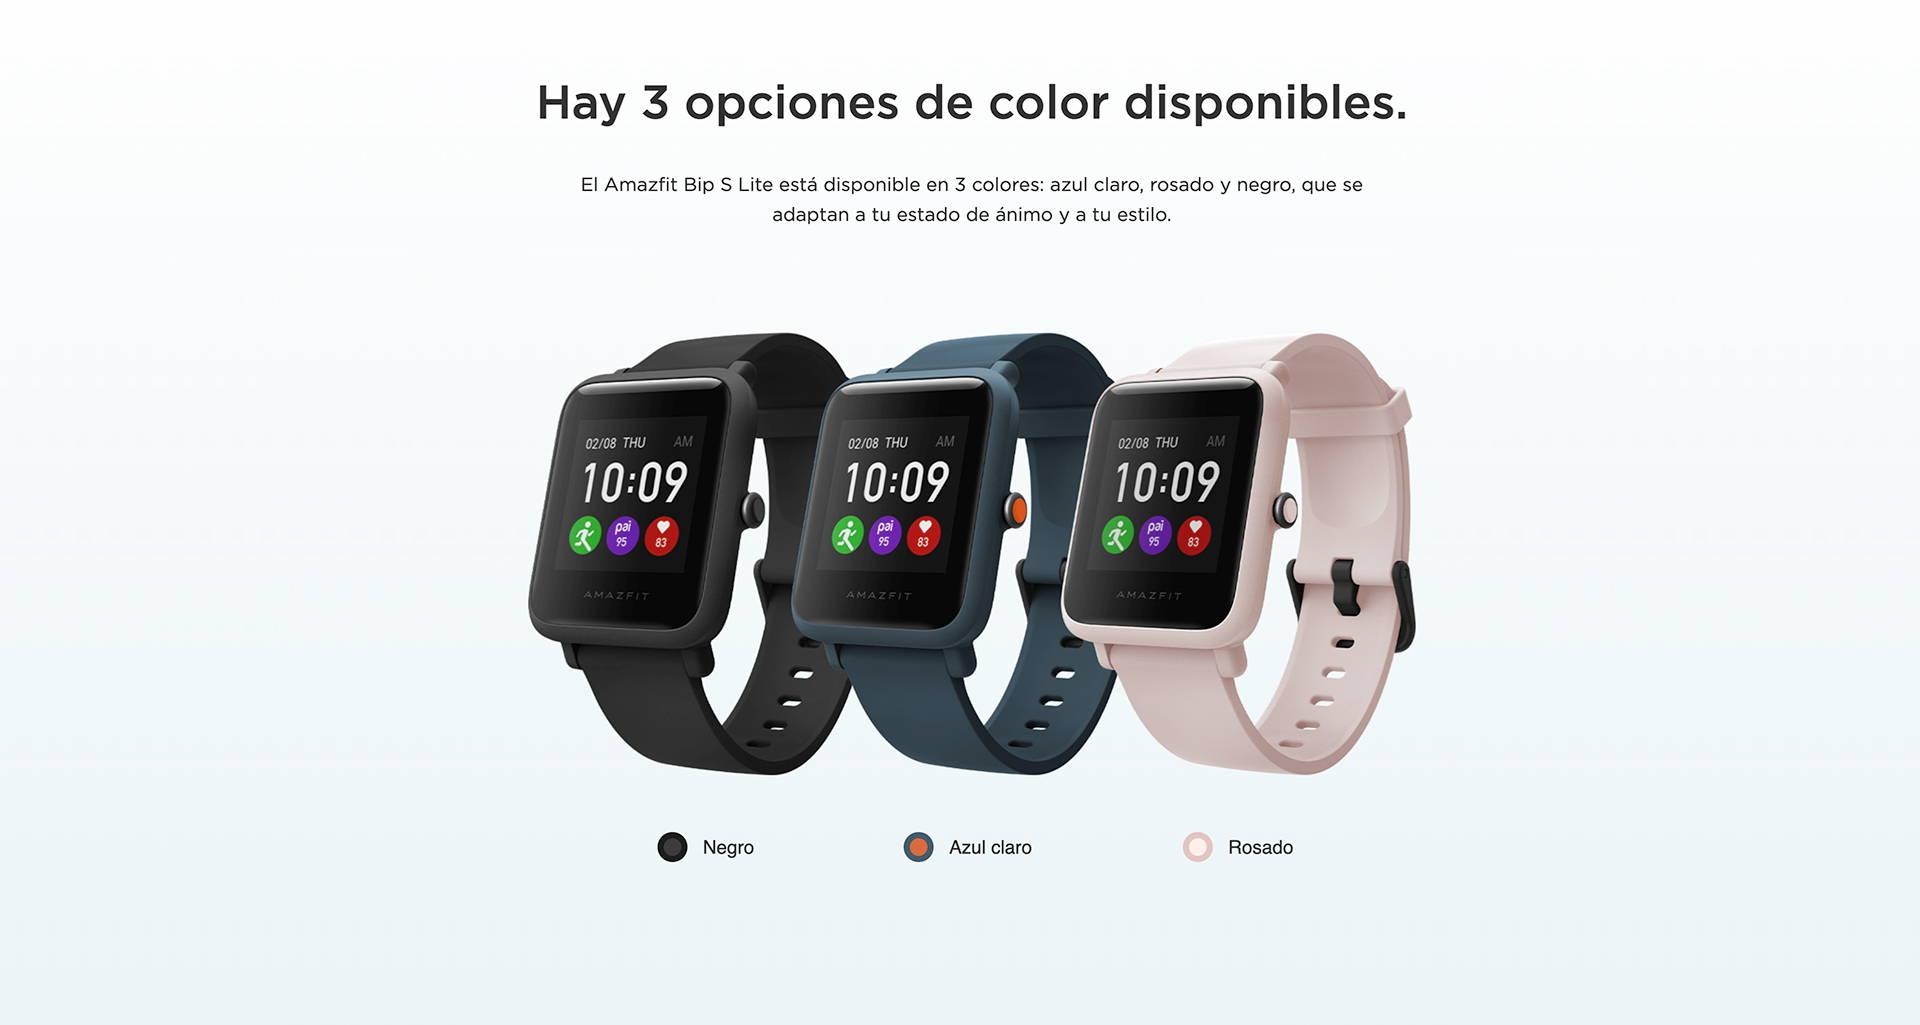 Amazfit ES - Amazfit Bip S Lite - Hay 3 opciones de color disponibles.